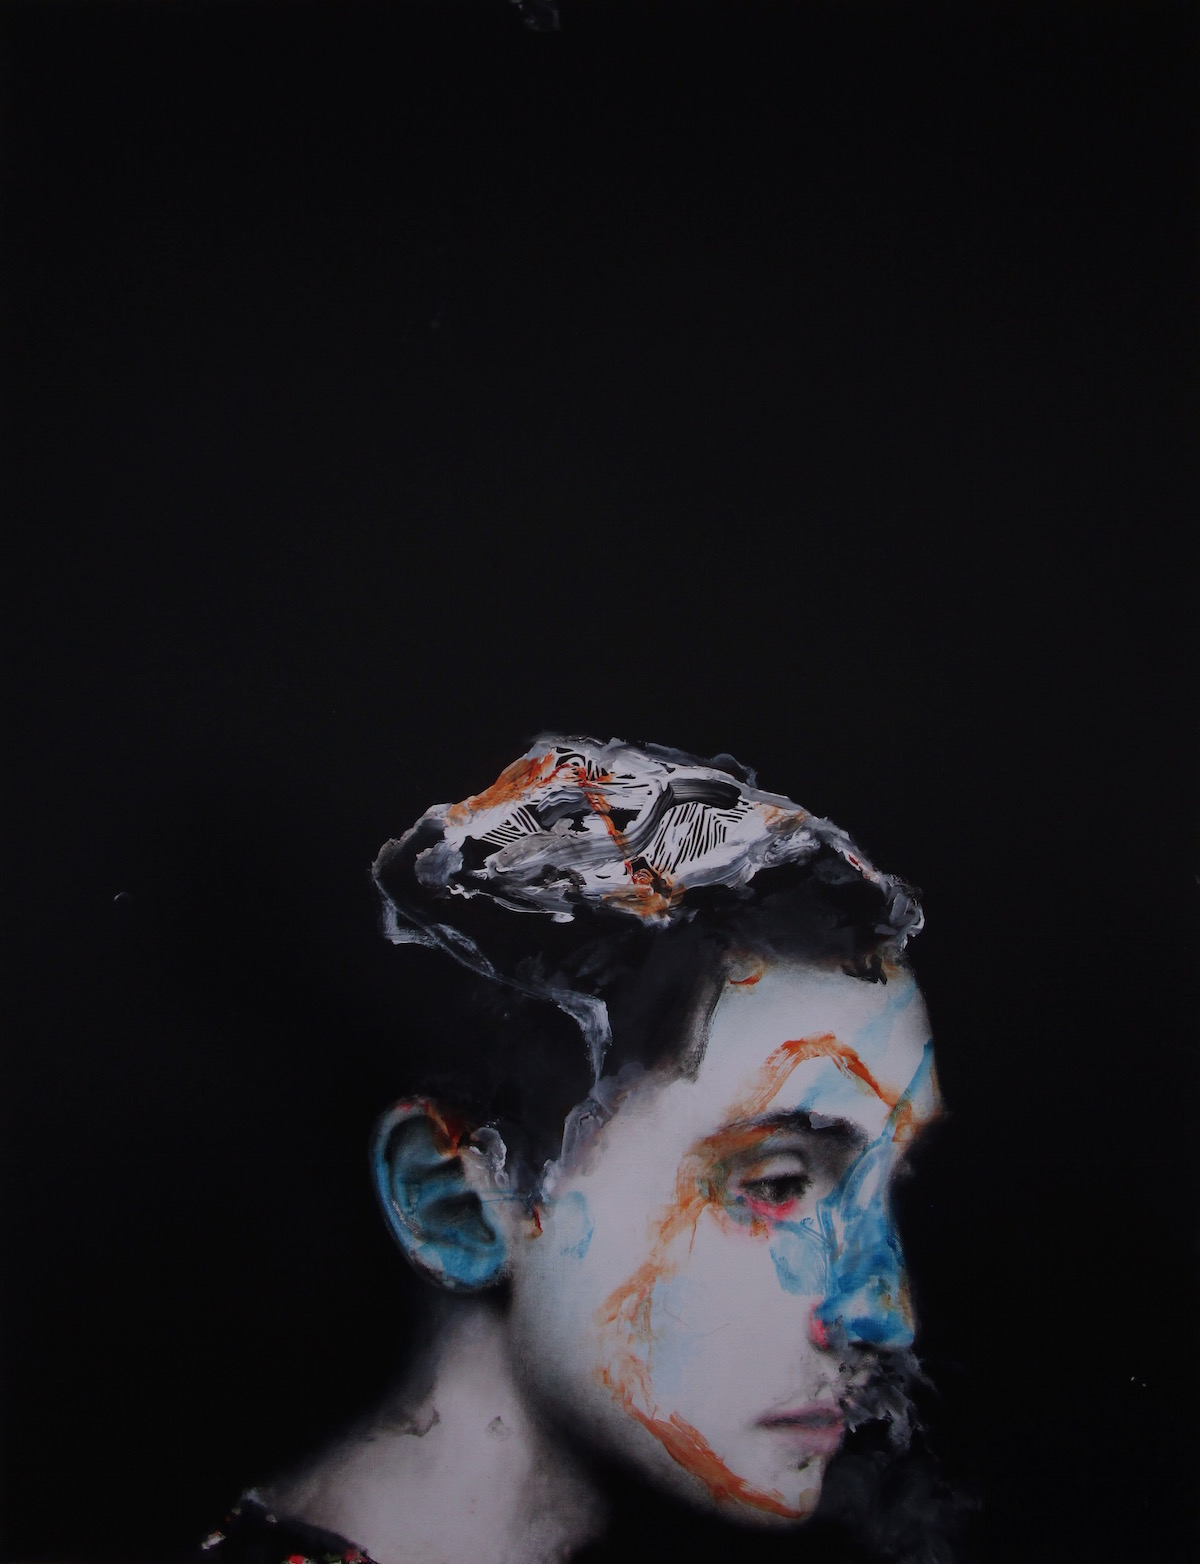 Antoine Cordet canvas toile peinture painting portrait art artist artiste peintre acrylic traveling by ufo boy